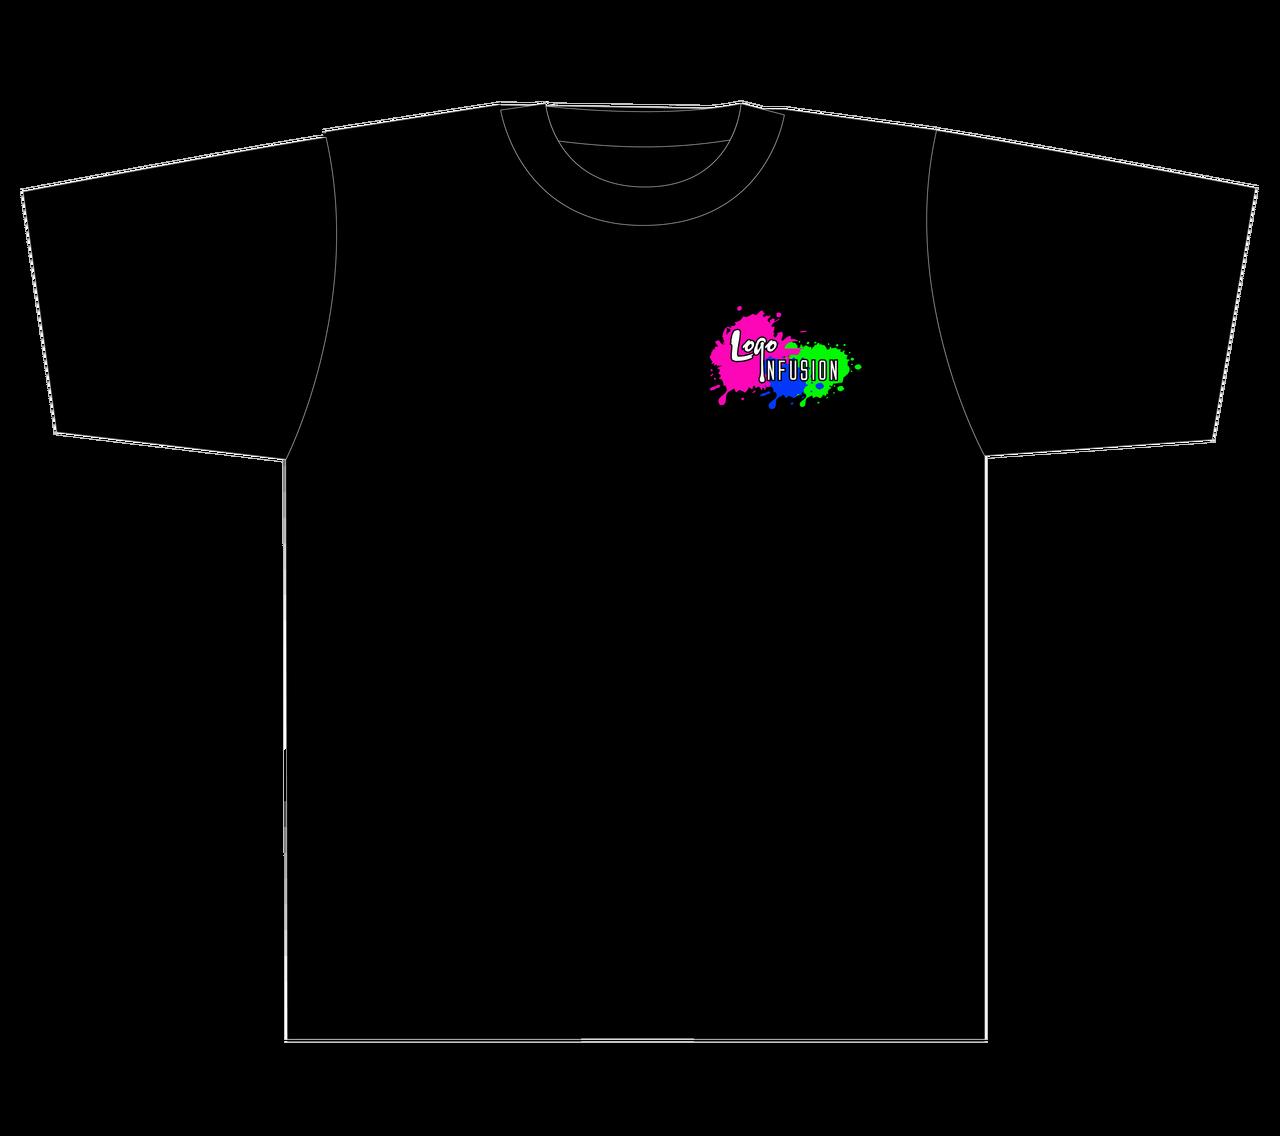 I Heart 2 Bowl T-Shirt - Black